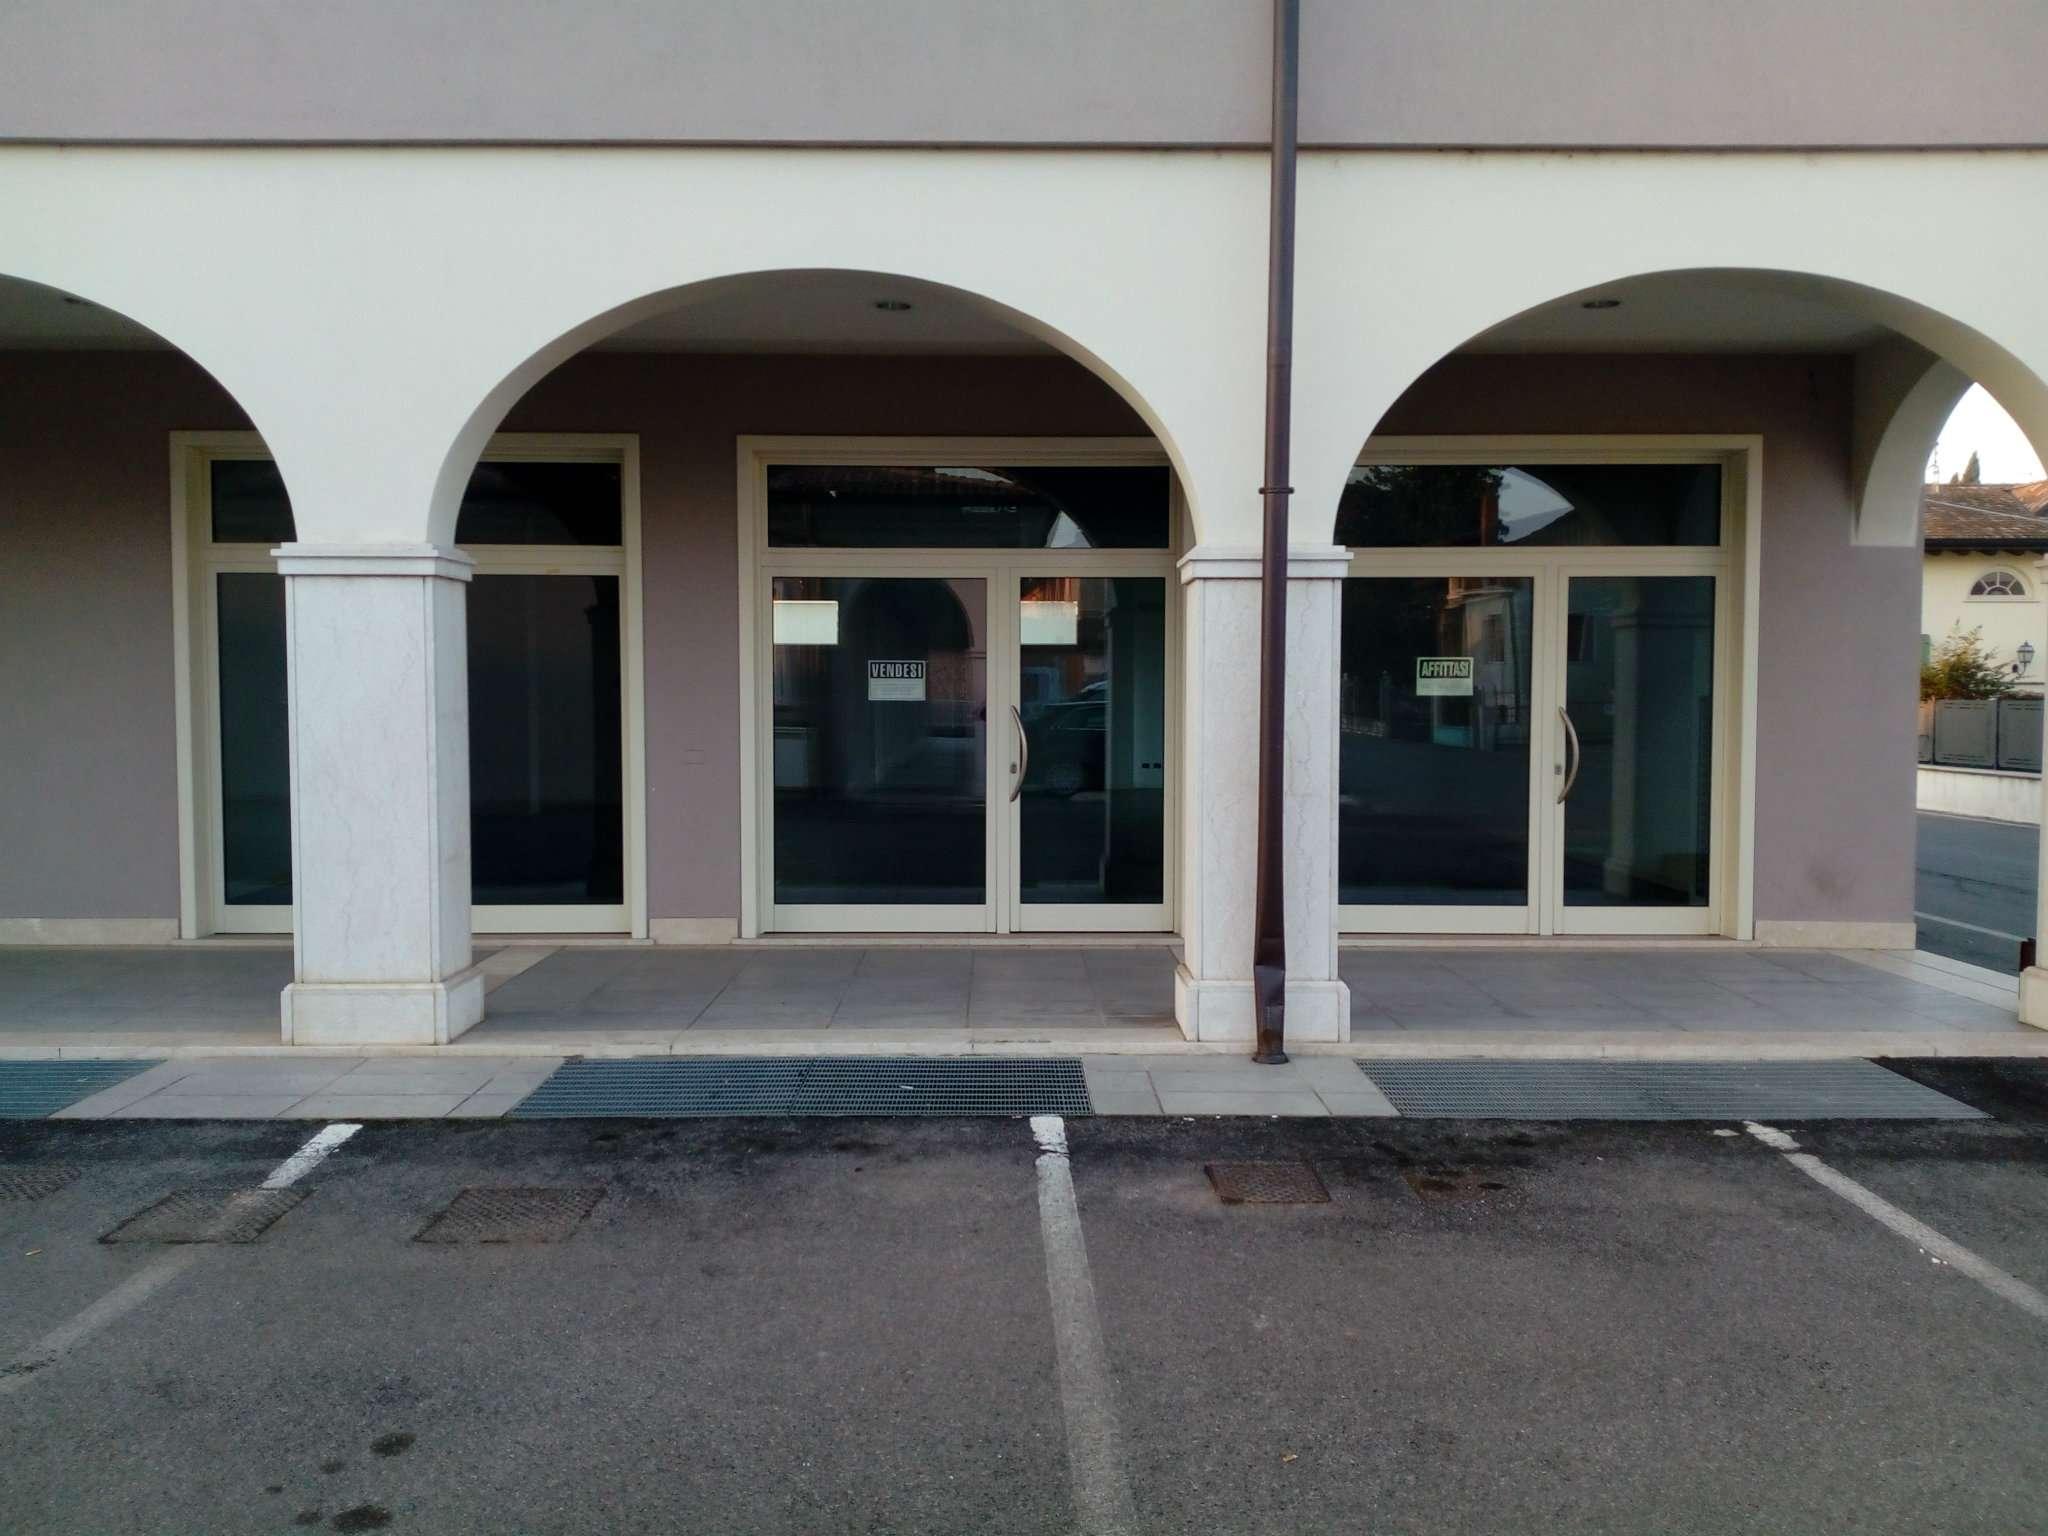 Negozio / Locale in vendita a Travagliato, 2 locali, prezzo € 330.000 | PortaleAgenzieImmobiliari.it